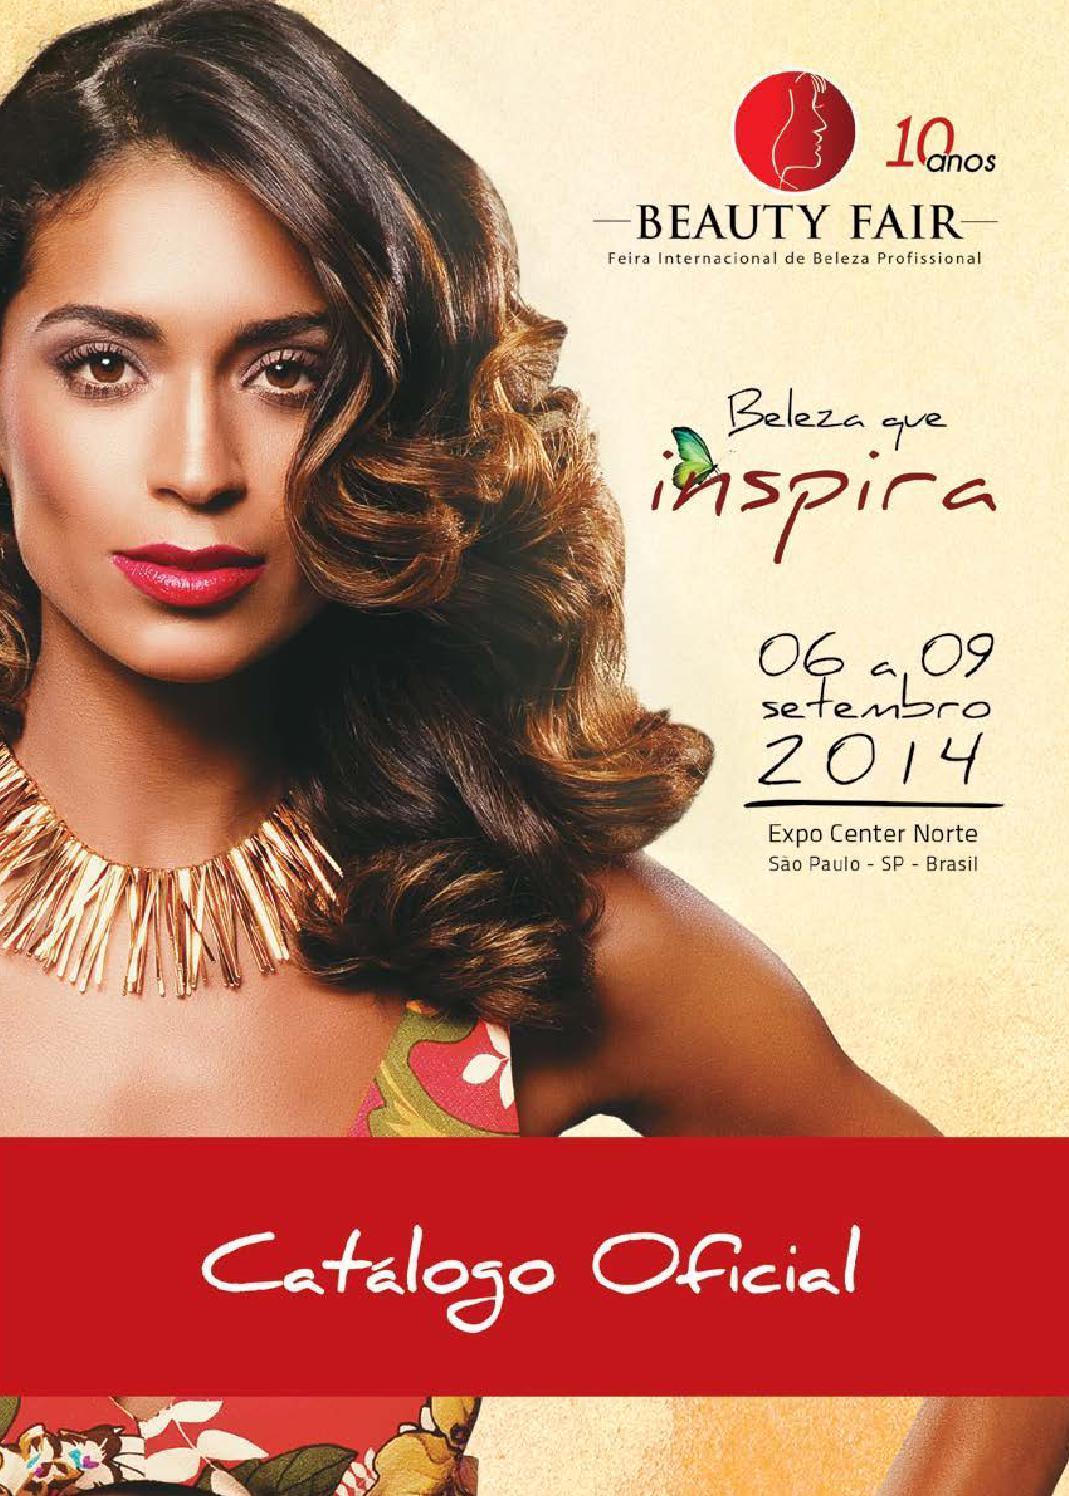 85d0d93799b6c Beauty fair 2014 by Sky Paper Comunicação - issuu